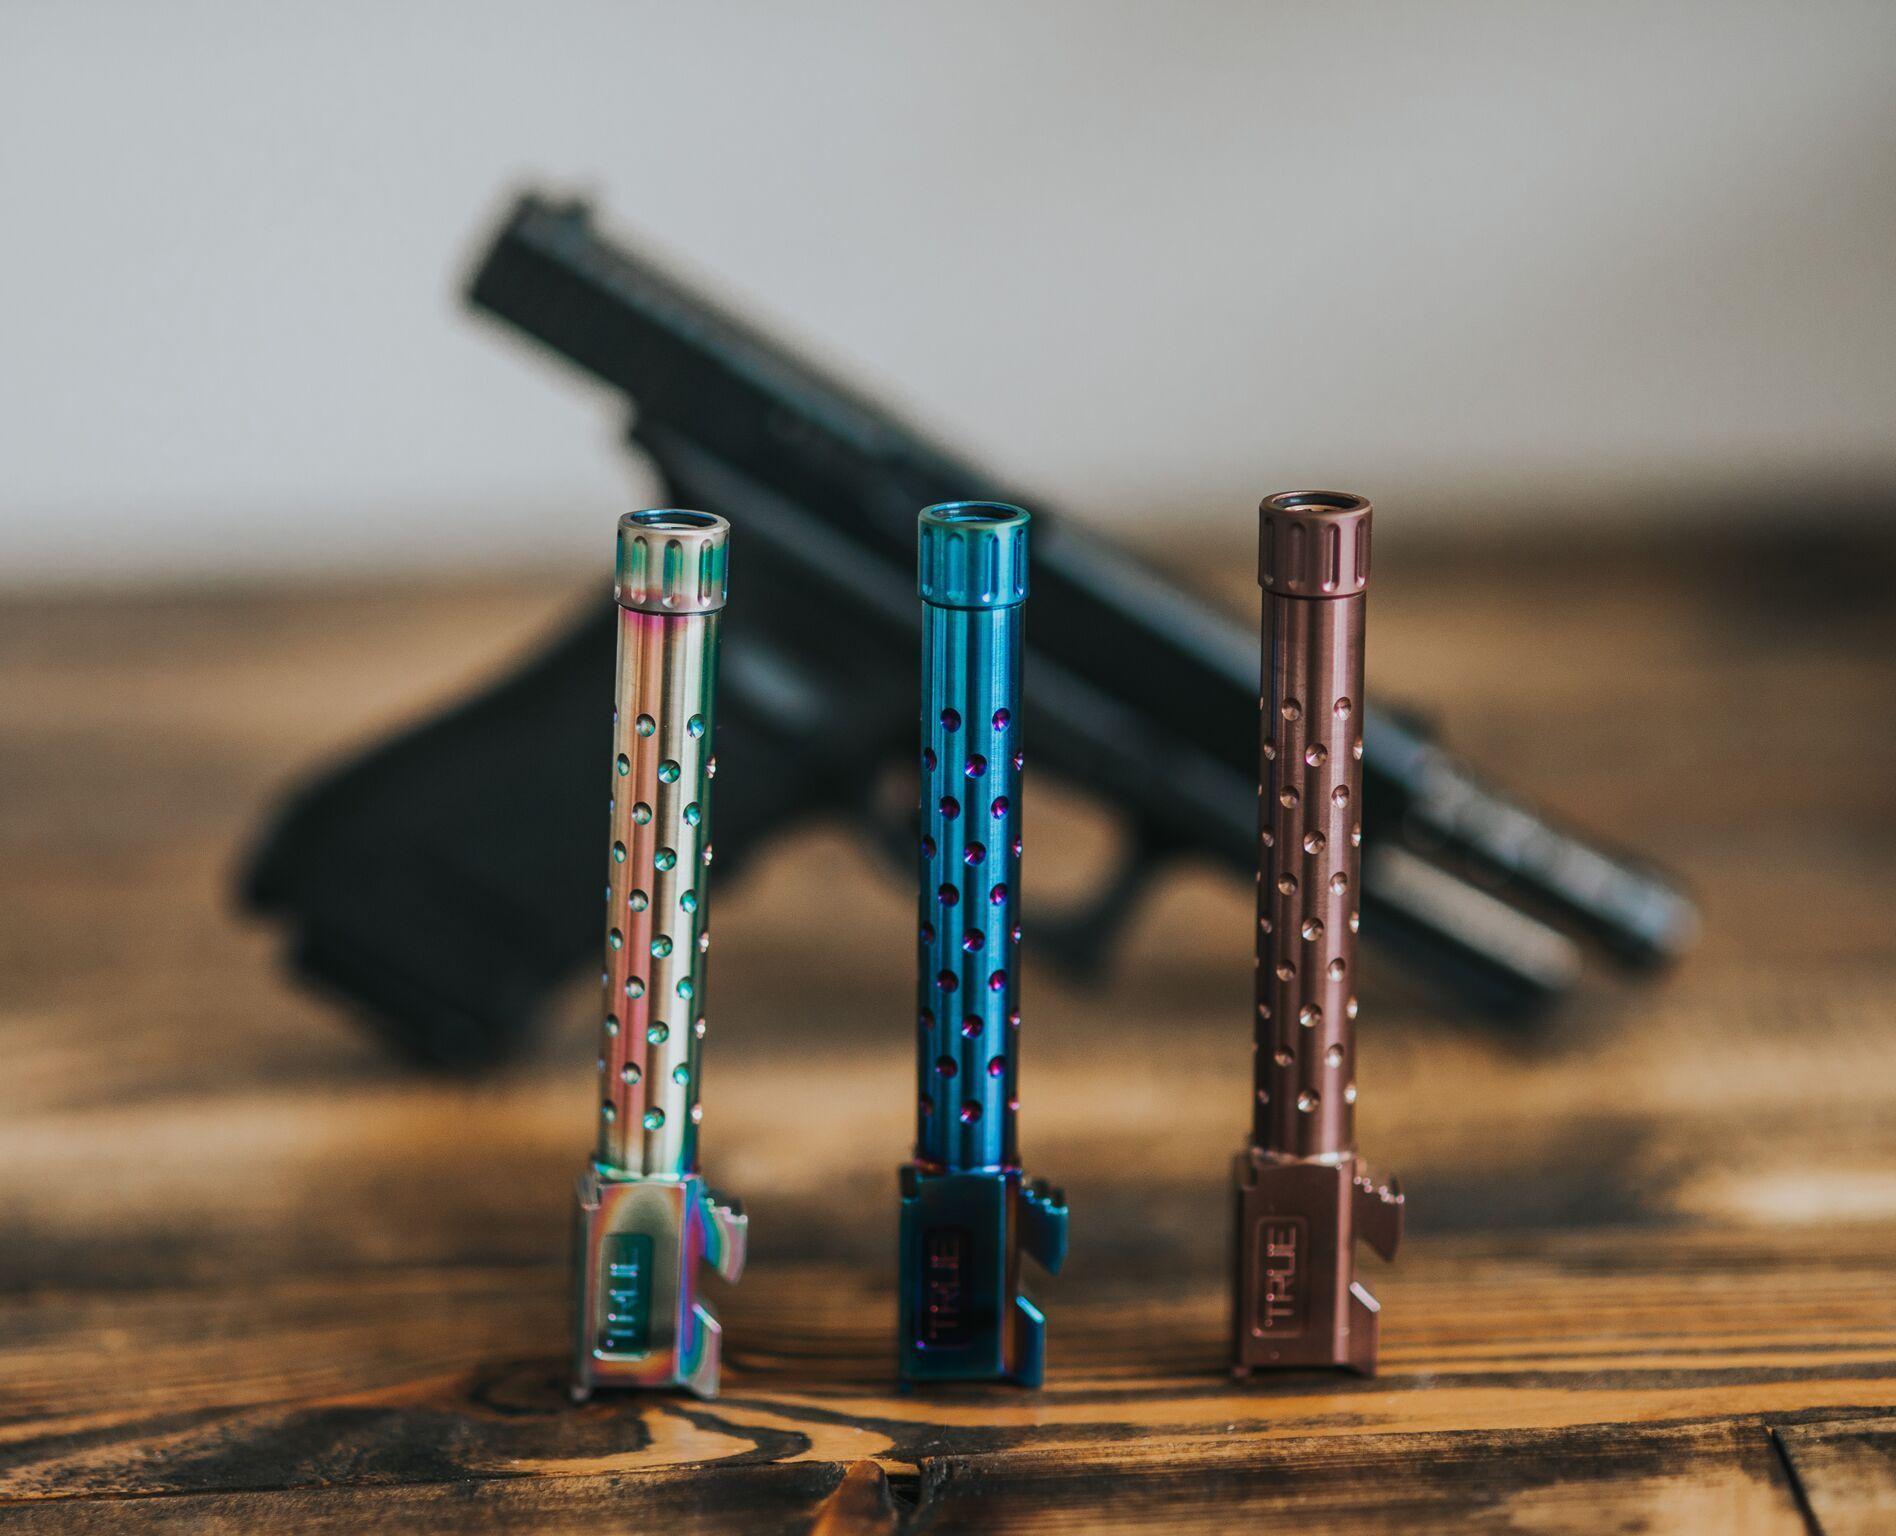 True Precision Glock 17 Barrels